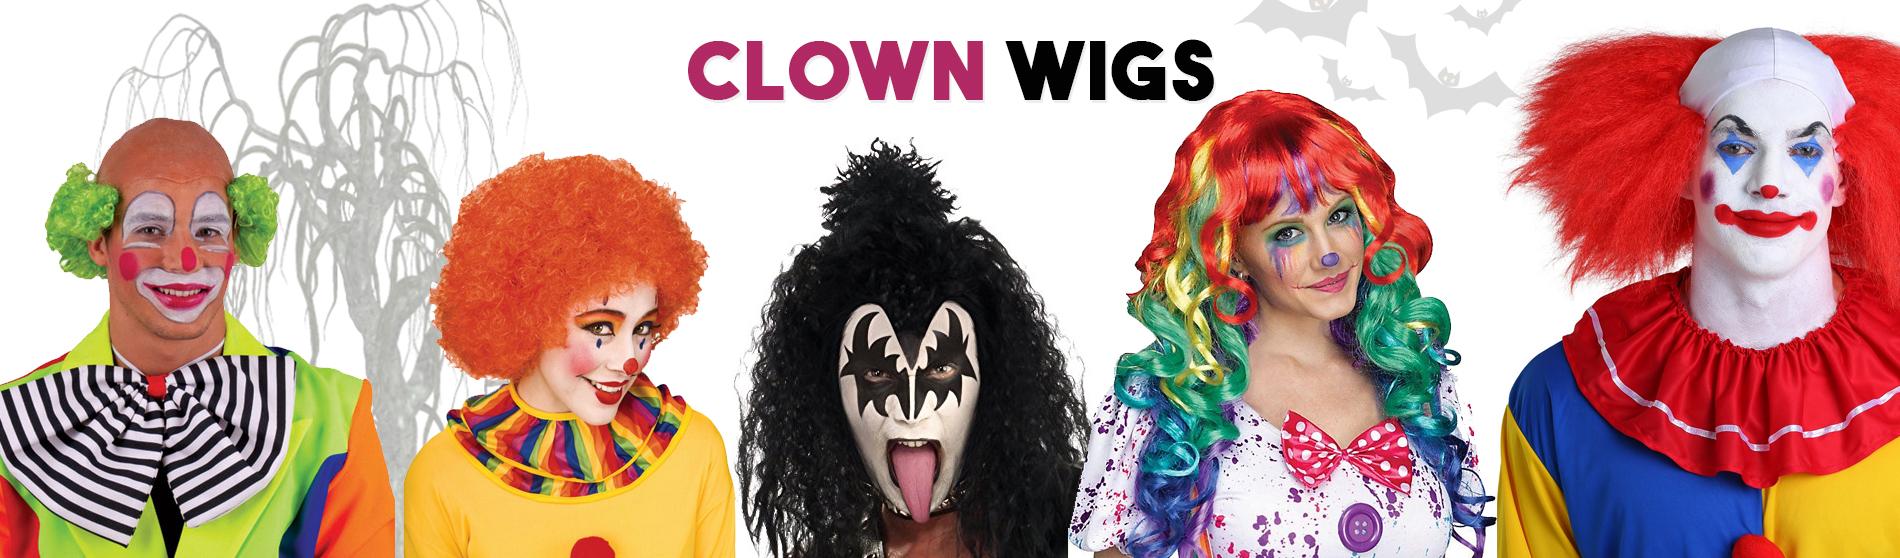 clown-wigs